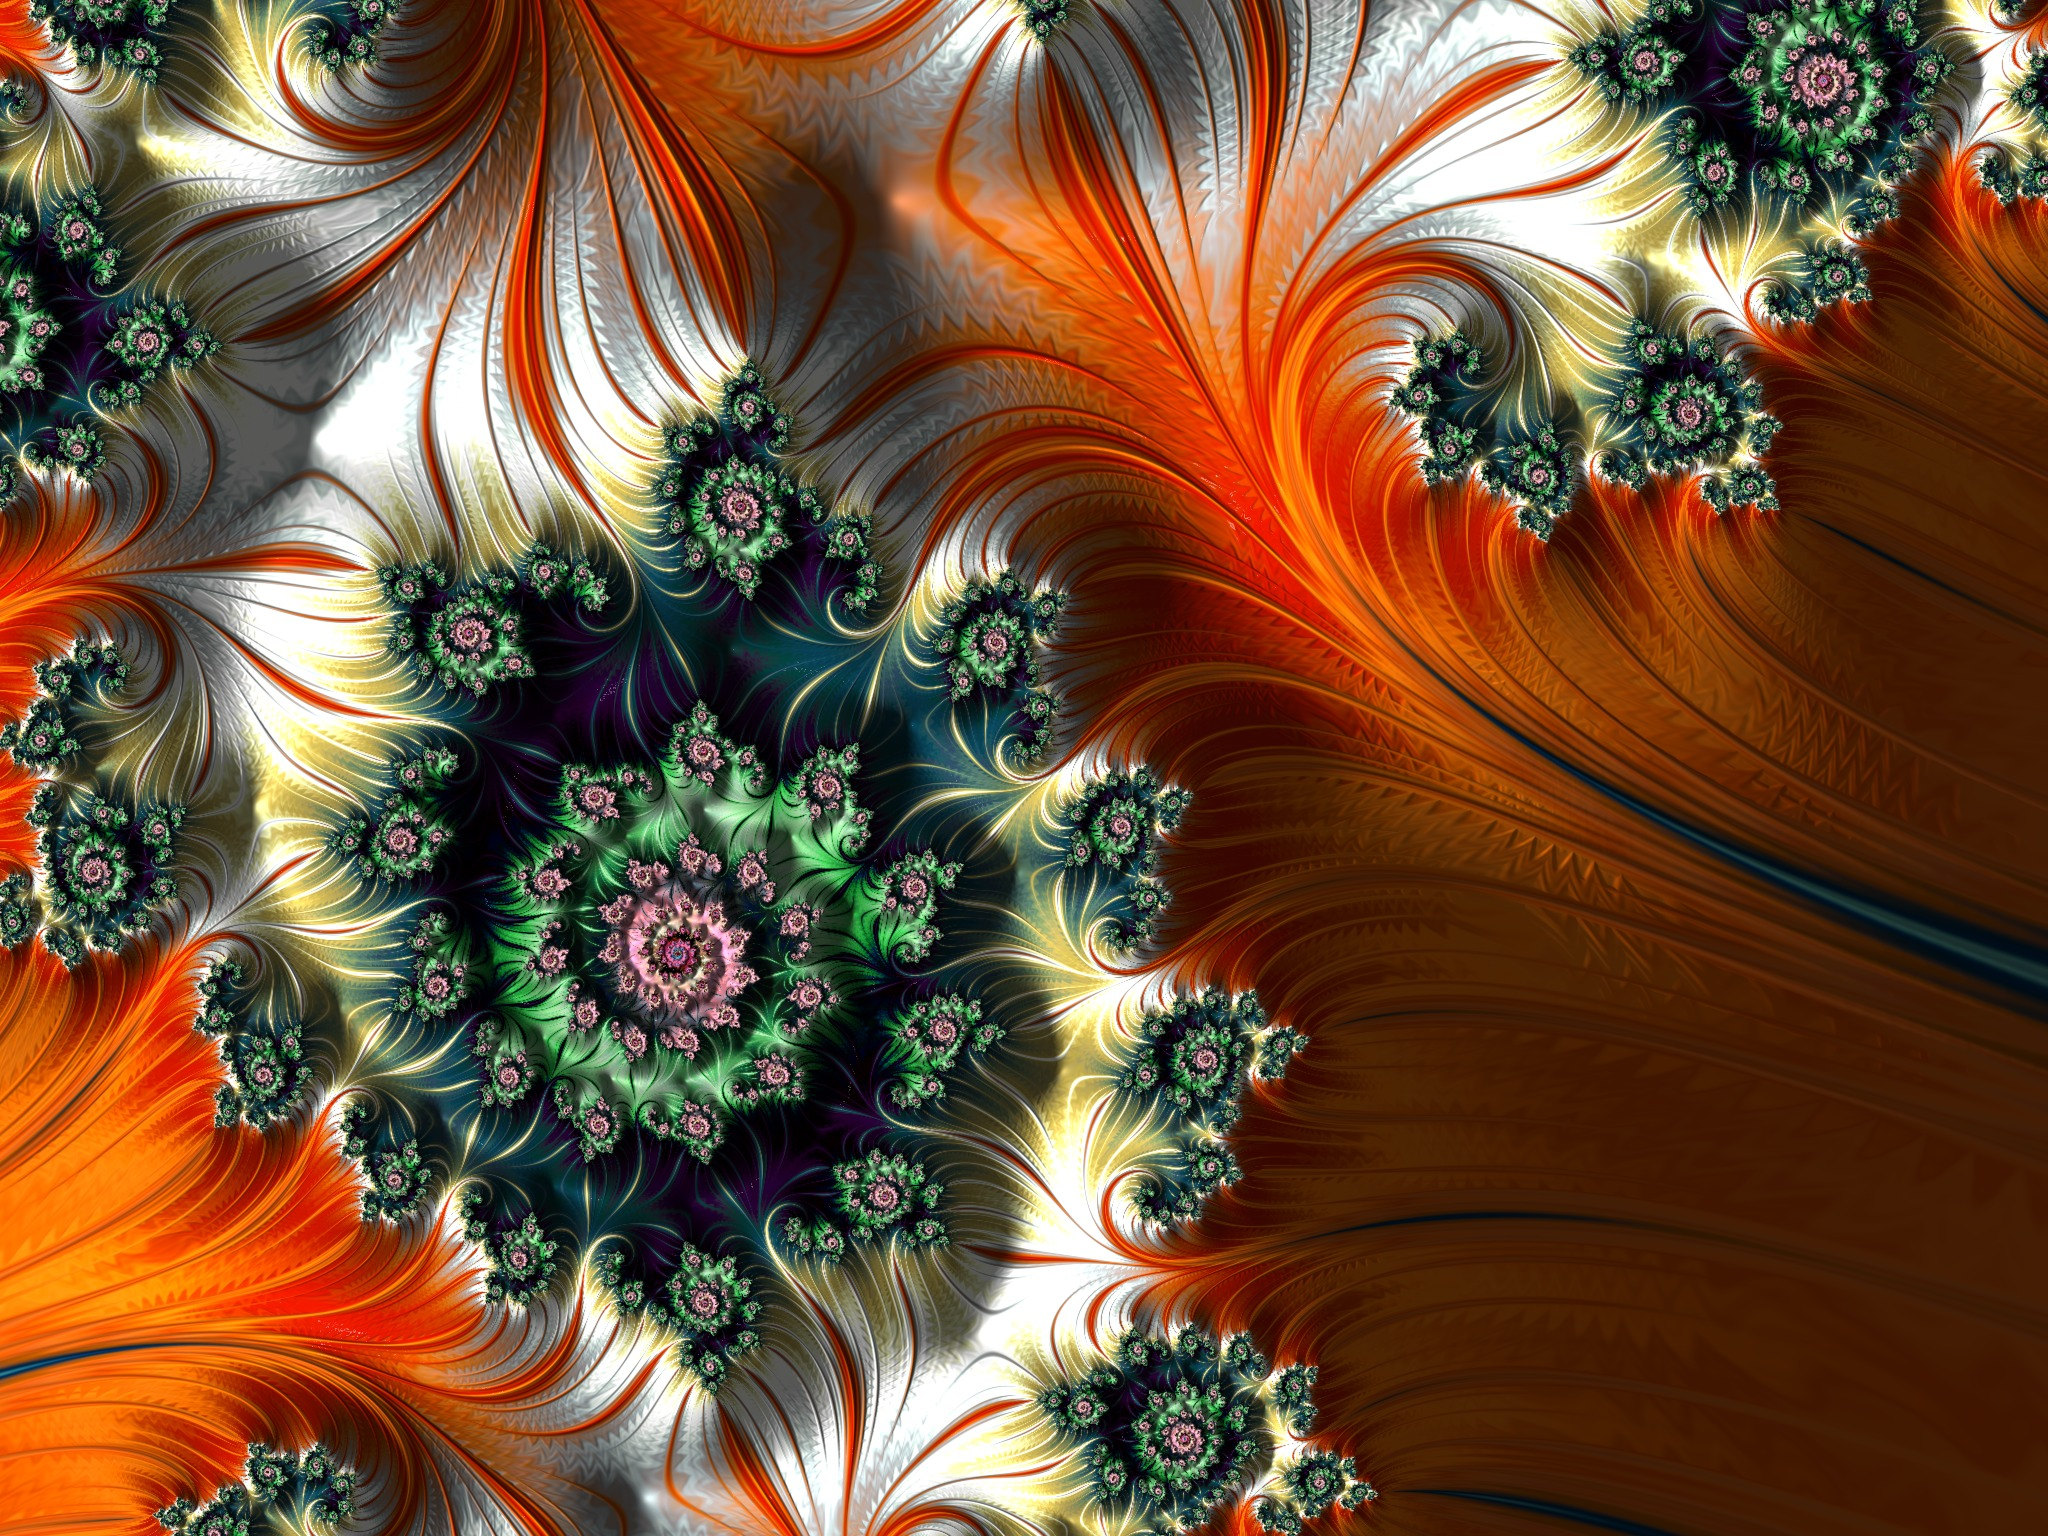 Der Orangenhain - 2048px x 1536px